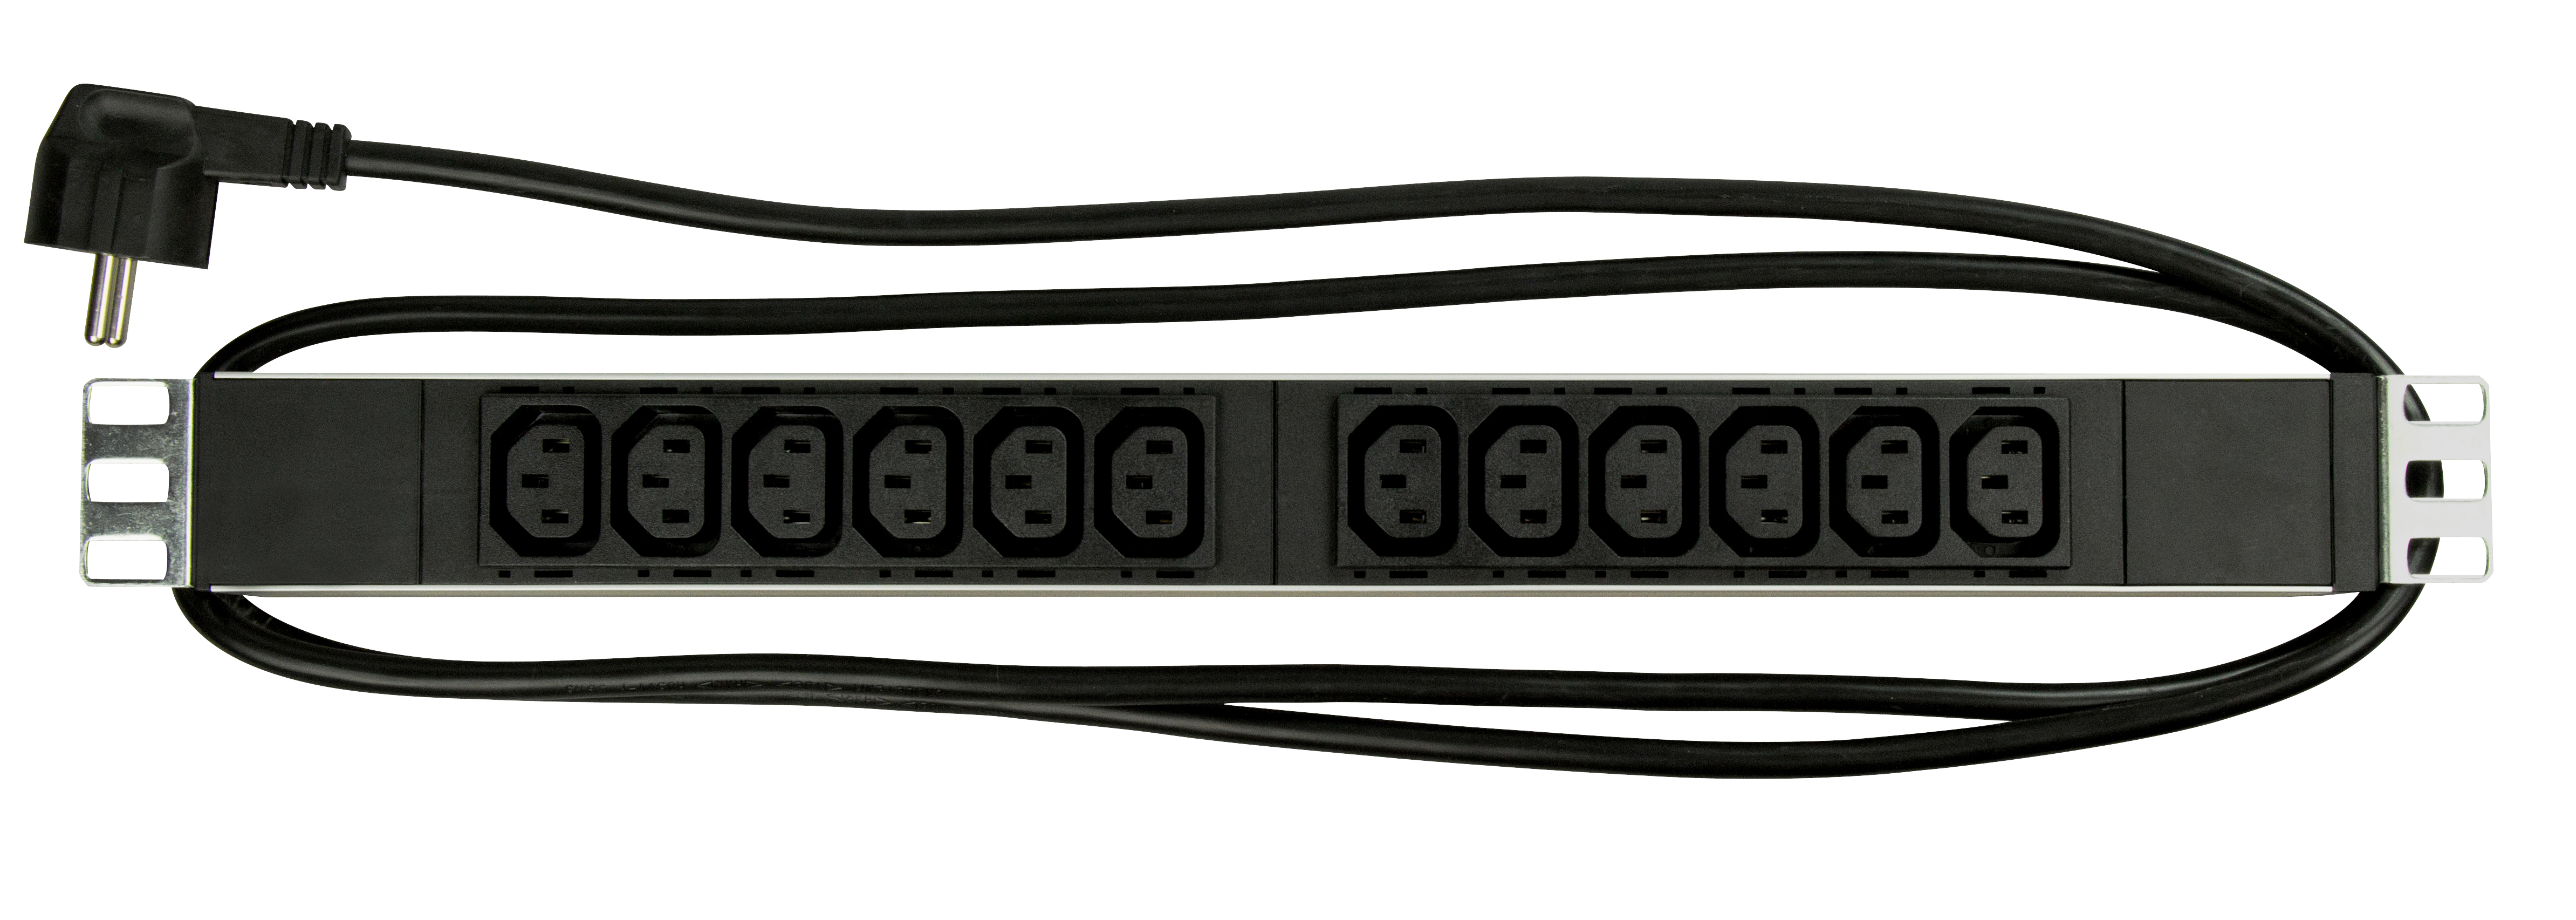 1 Stk 19Netzleiste 12xIEC C13, Profil ALU 1HE, 2m-Kabel,schwarz IU070116--